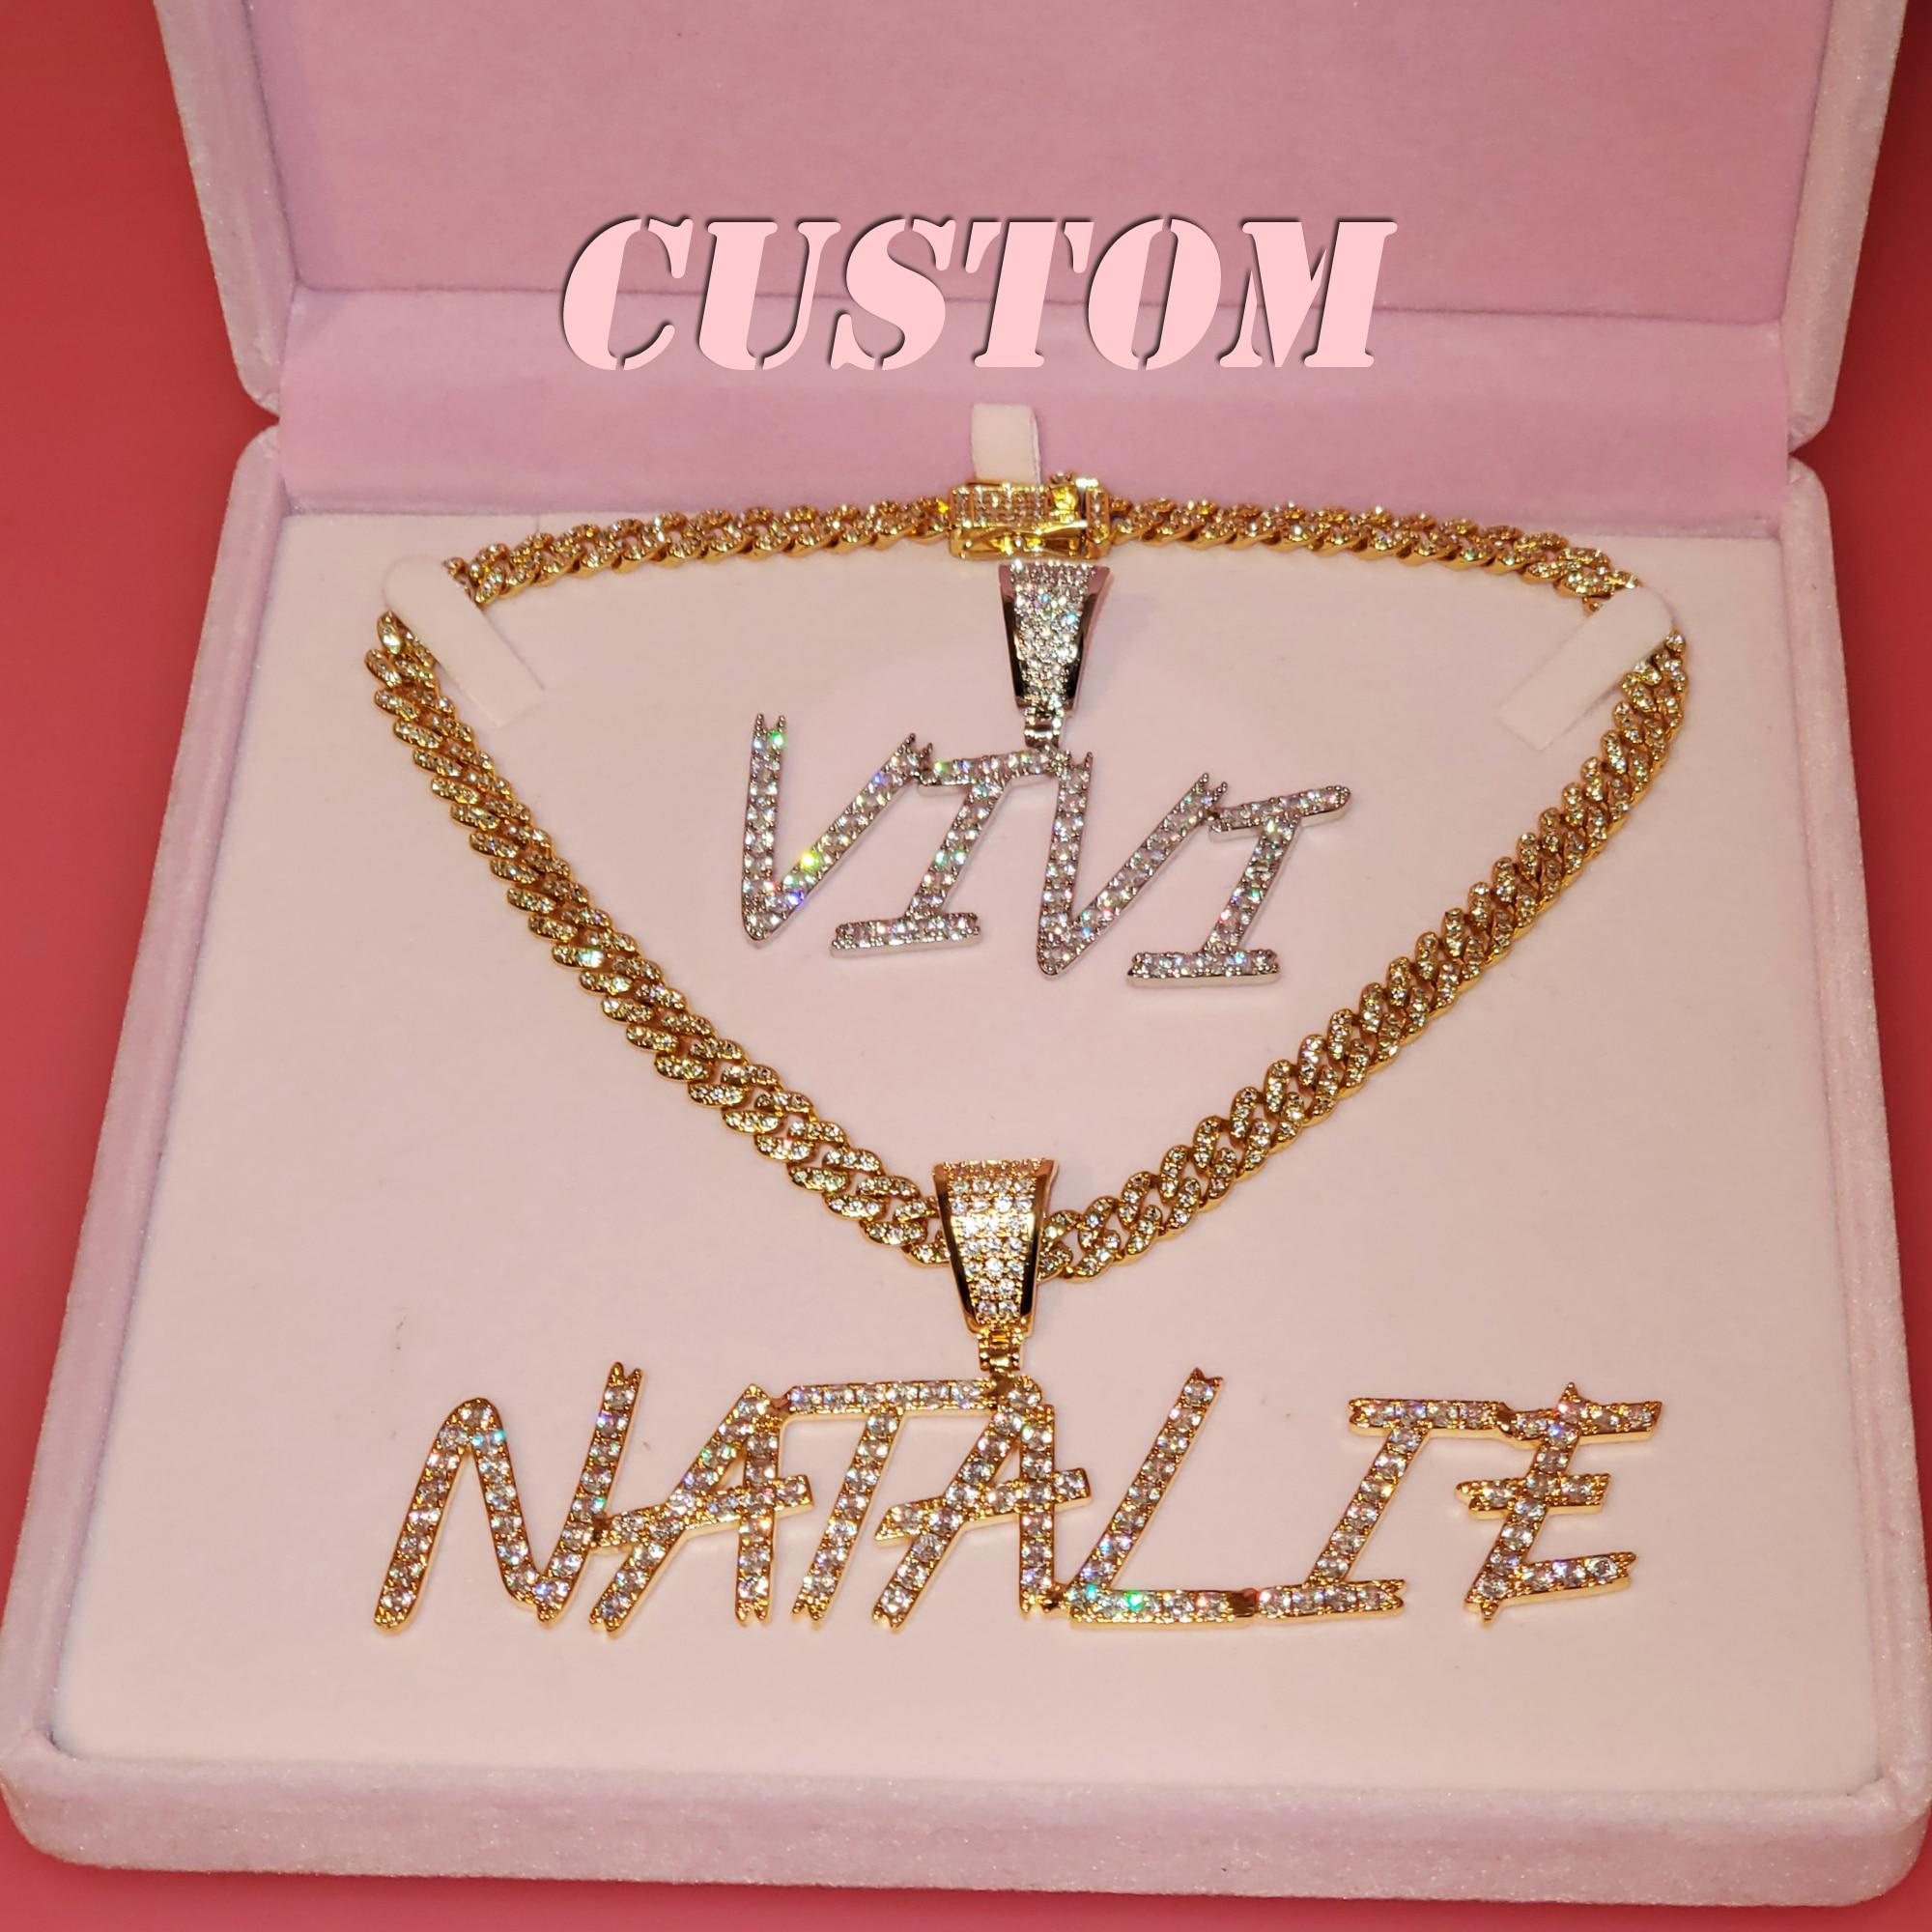 Пользовательская кисть шрифт ожерелье с буквами именная табличка на заказ, цепочка-чокер, кулон с именем из циркония, персонализированное о...